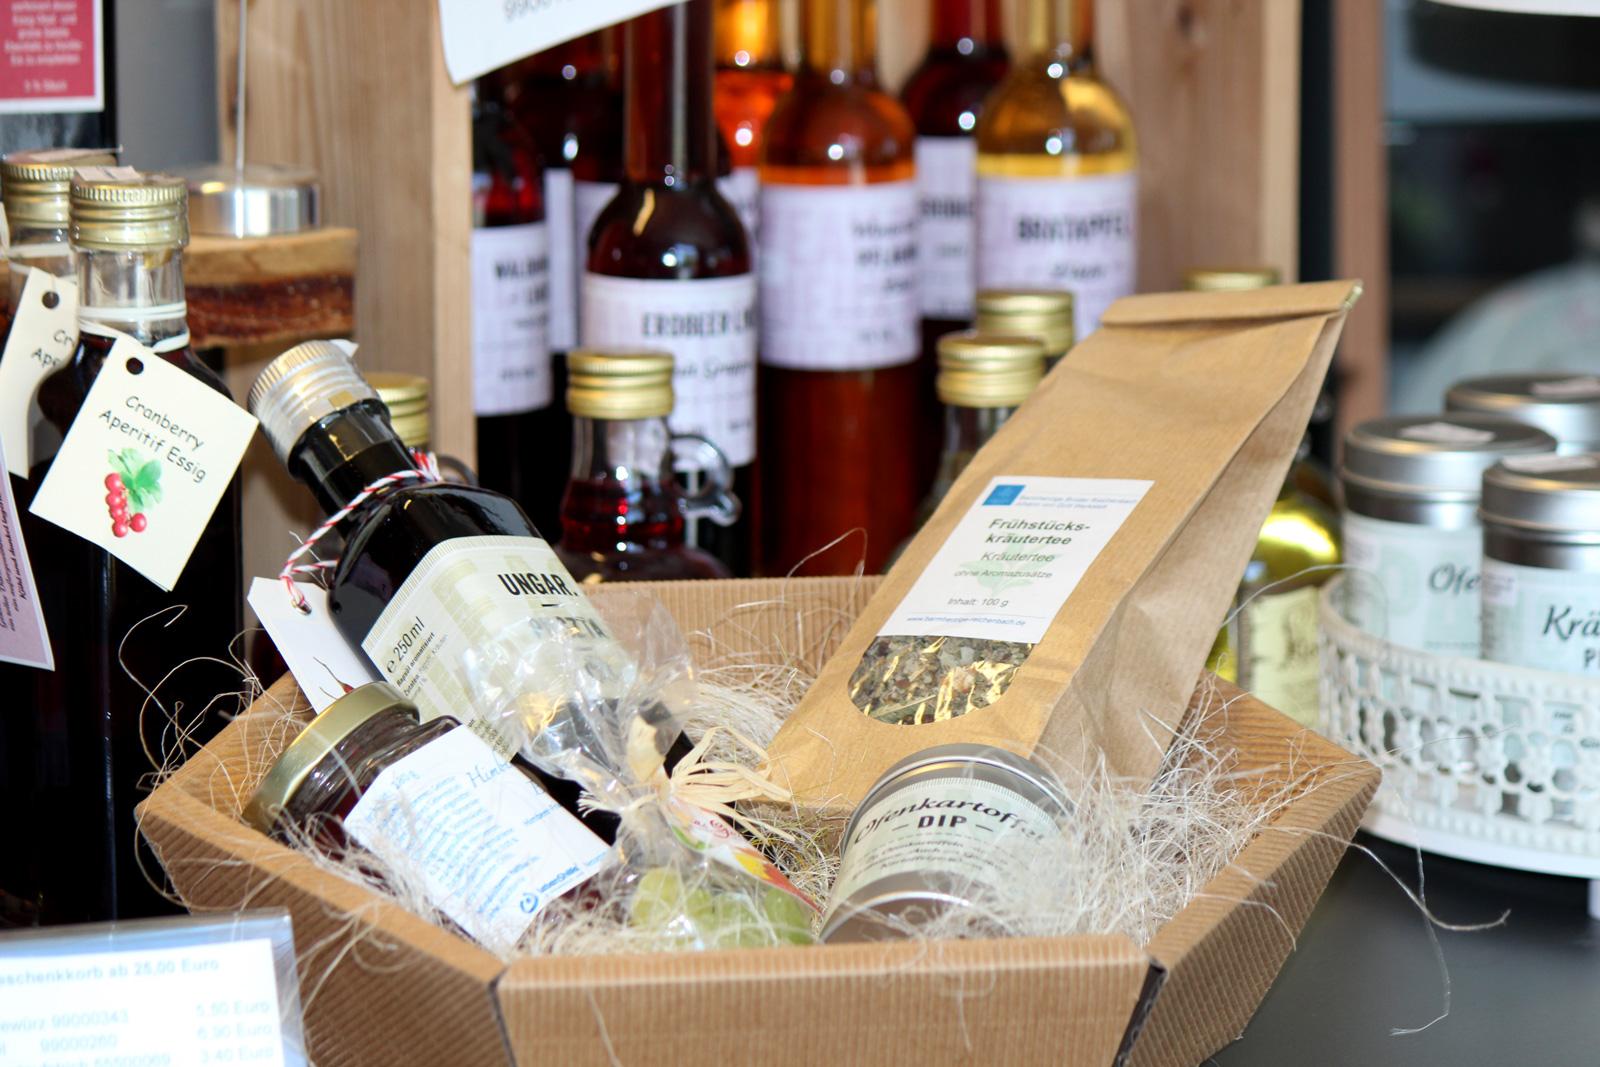 Essige, Öle und andere kulinarische Geschenkideen finden Sie im Lebenshilfe-Genuss-Laden. Tipp: Präsentkörbe und Geschenke für jeden Anlass.